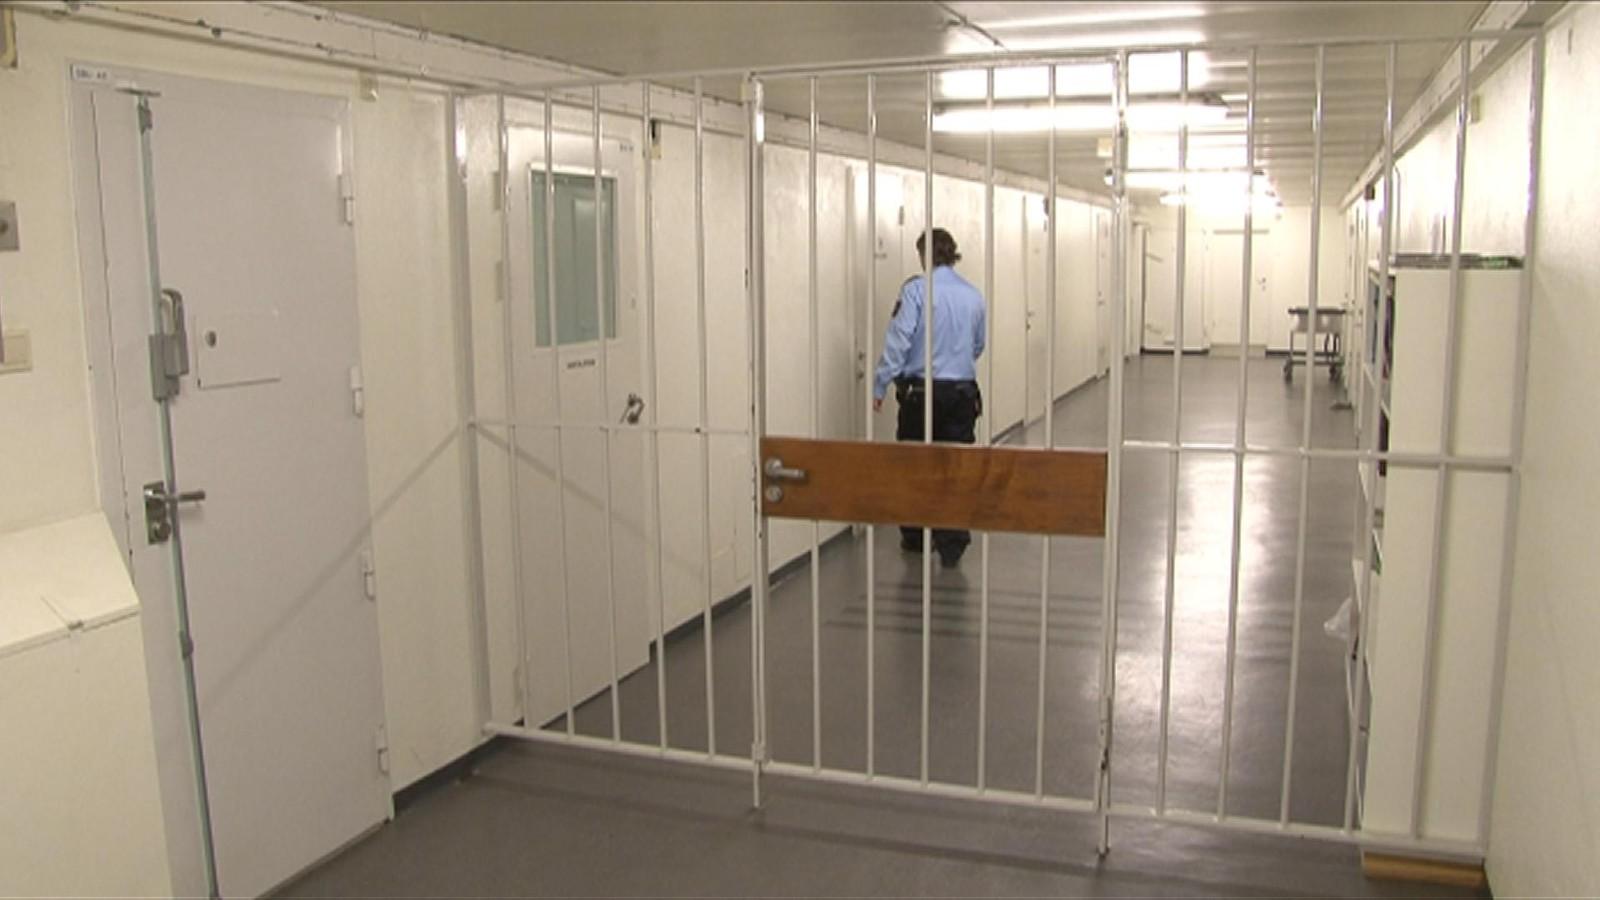 Cellene Anders Behring Breiviks disponerte ved Ila fengsel lå i avdelingen for særlig høy sikkerhet.